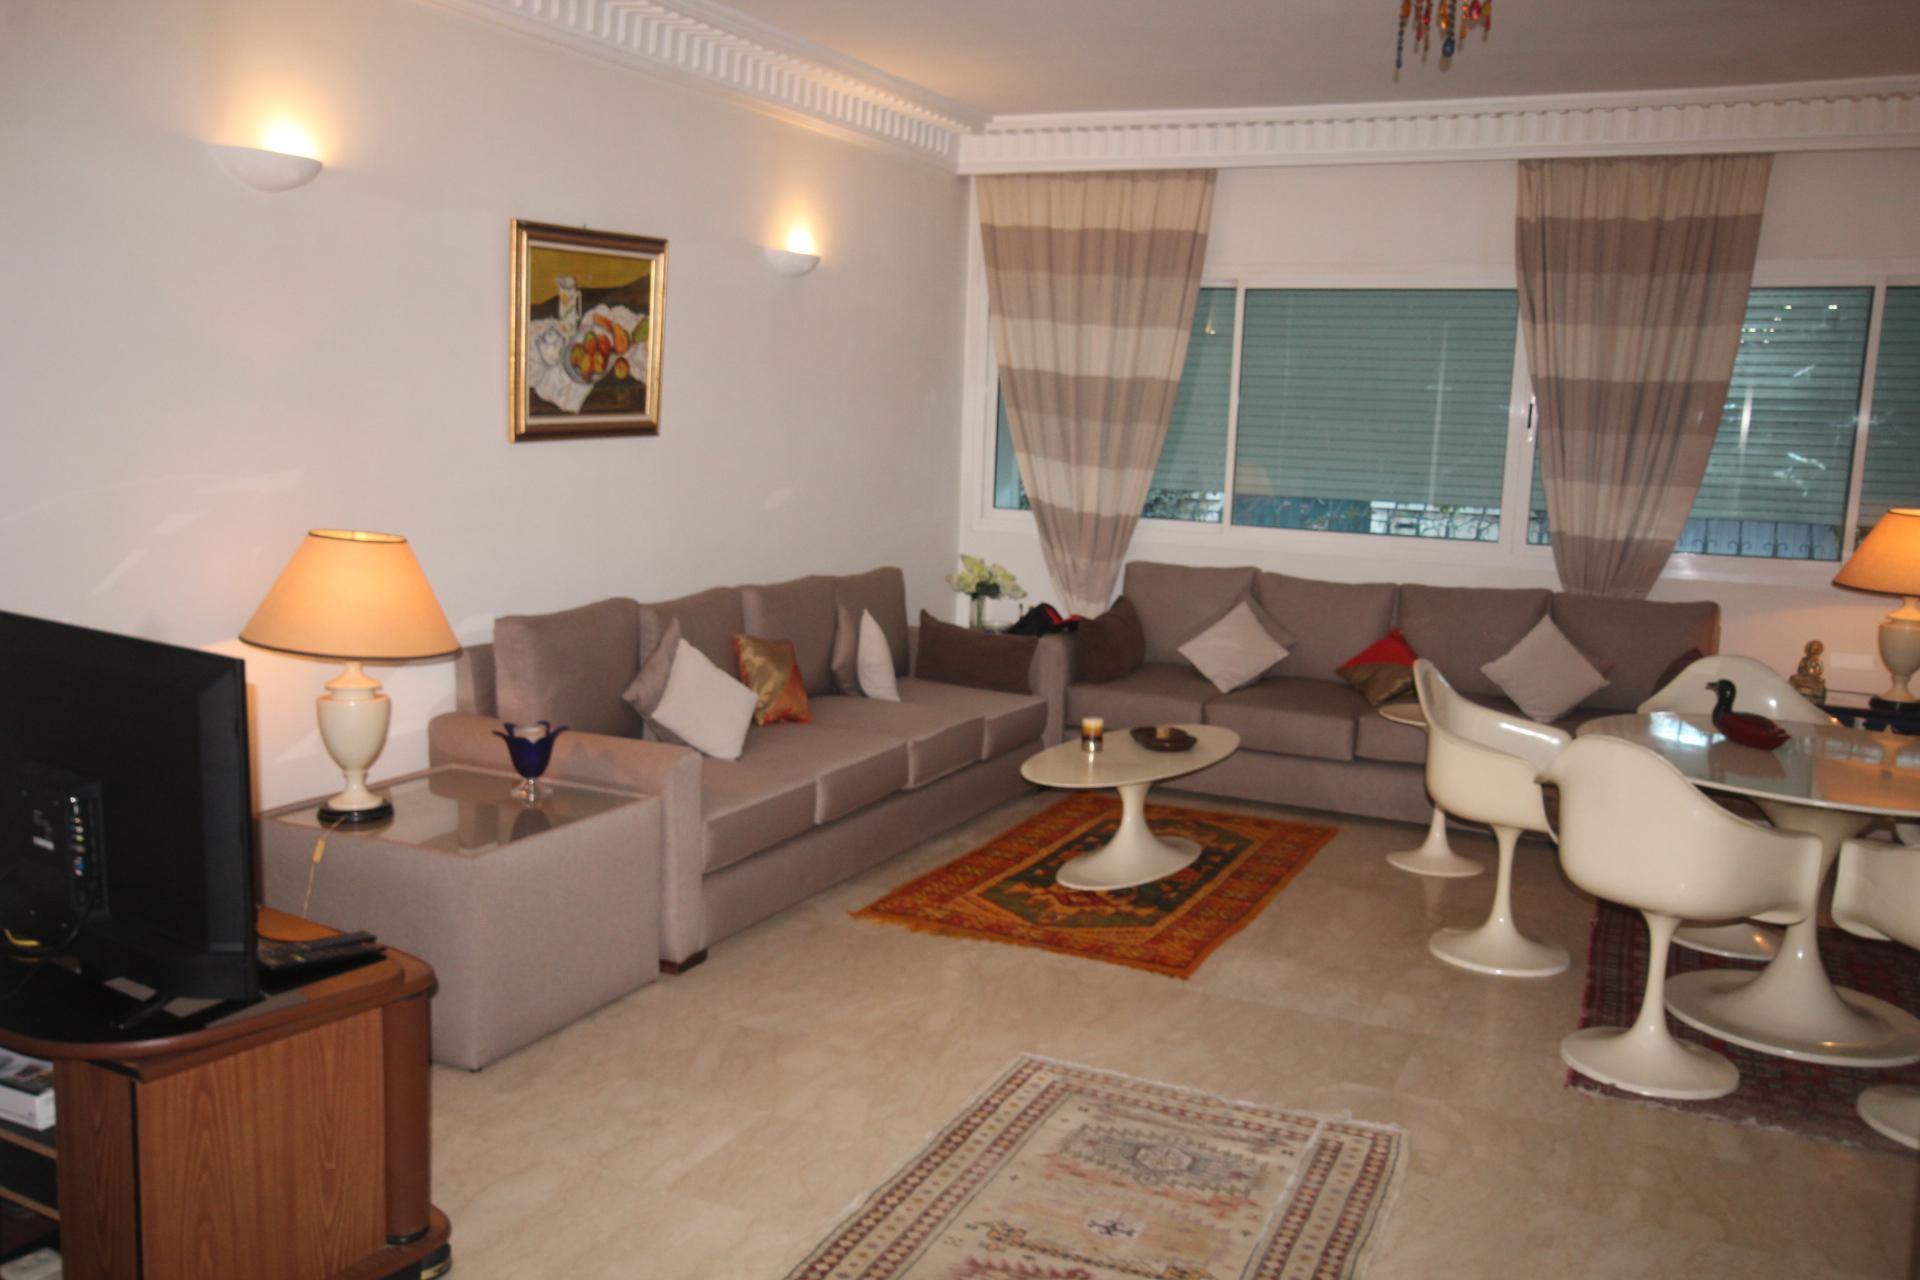 Maroc, Casablanca (proche espace porte anfa- Paul), à louer parfait meublé neuf  2 chambres salon de 135 m² avec terrasse